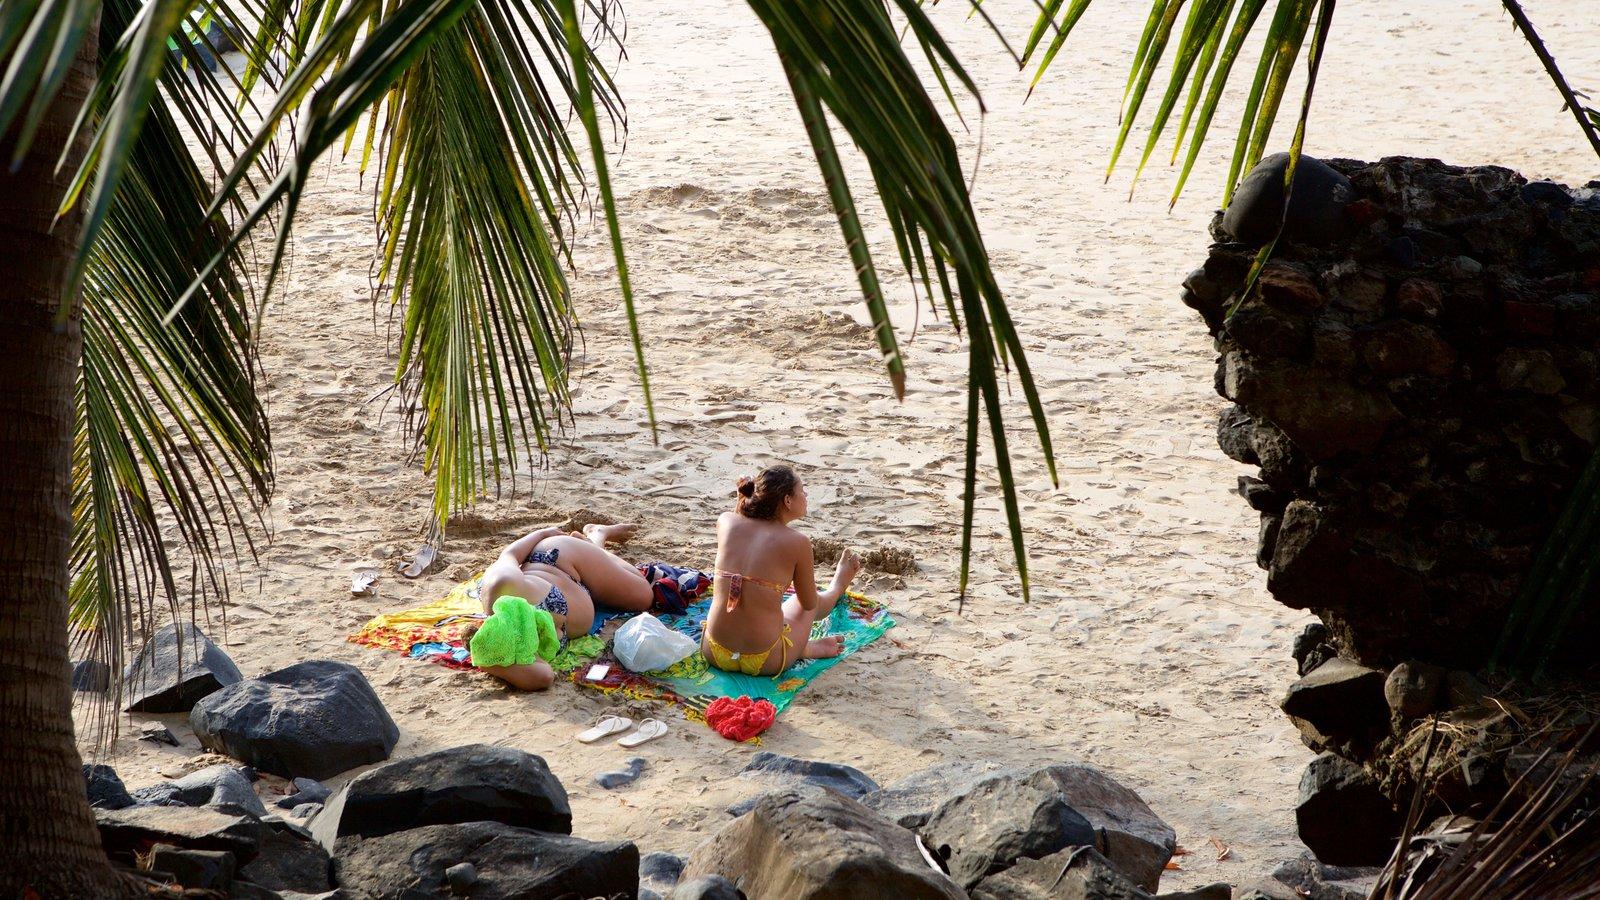 Praia do Cachorro mostrando paisagens litorâneas e uma praia de areia assim como um pequeno grupo de pessoas